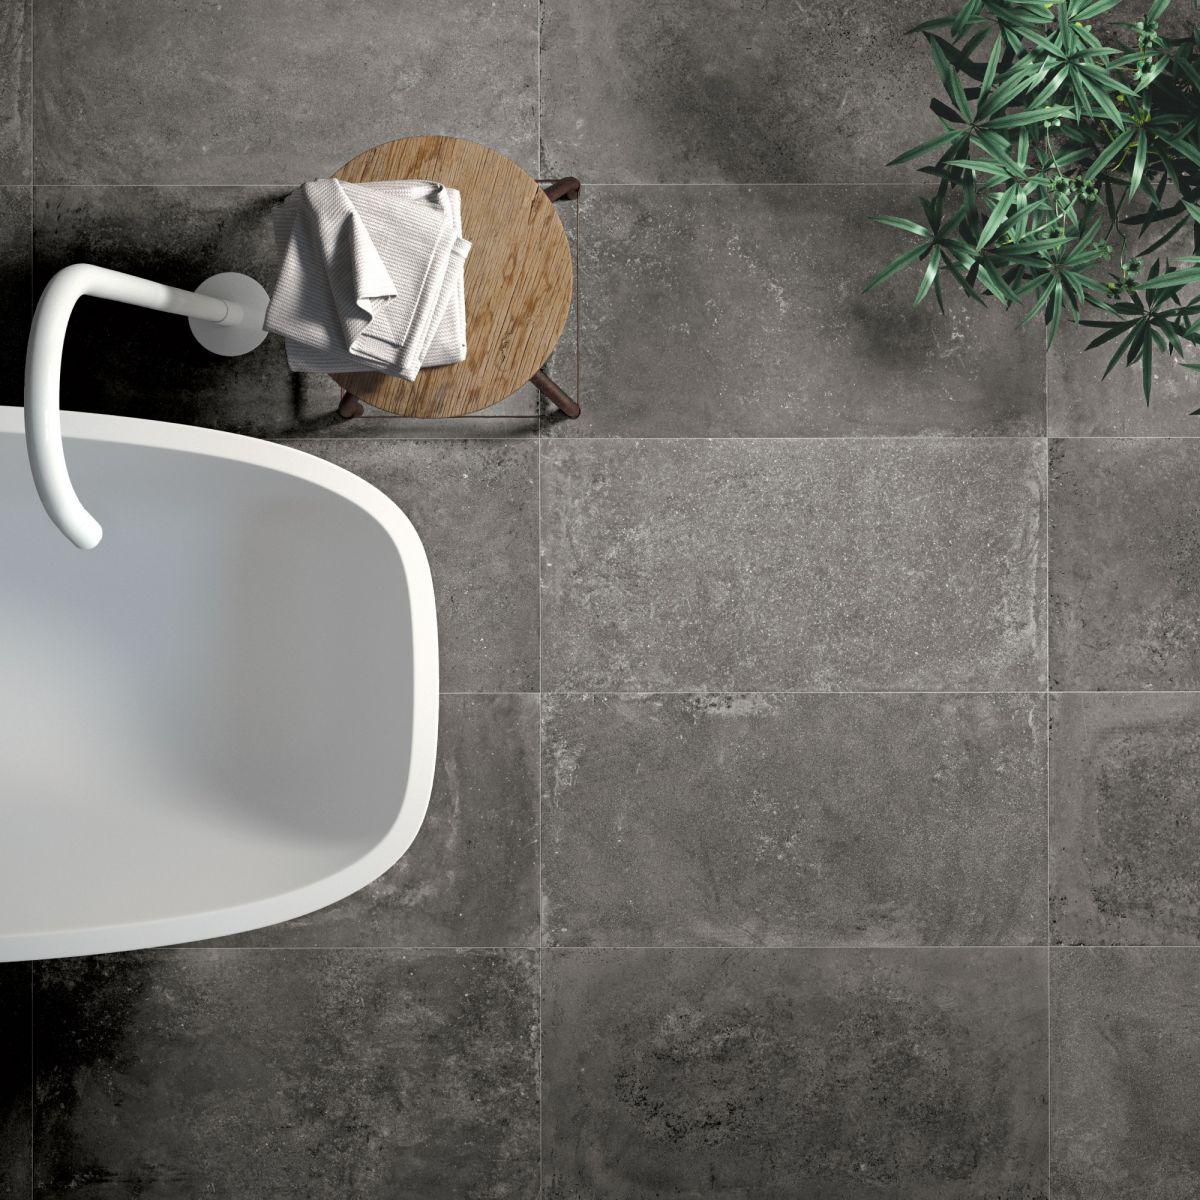 magasin de carrelage haut de gamme sur montpellier id es d co pas cher marseille. Black Bedroom Furniture Sets. Home Design Ideas